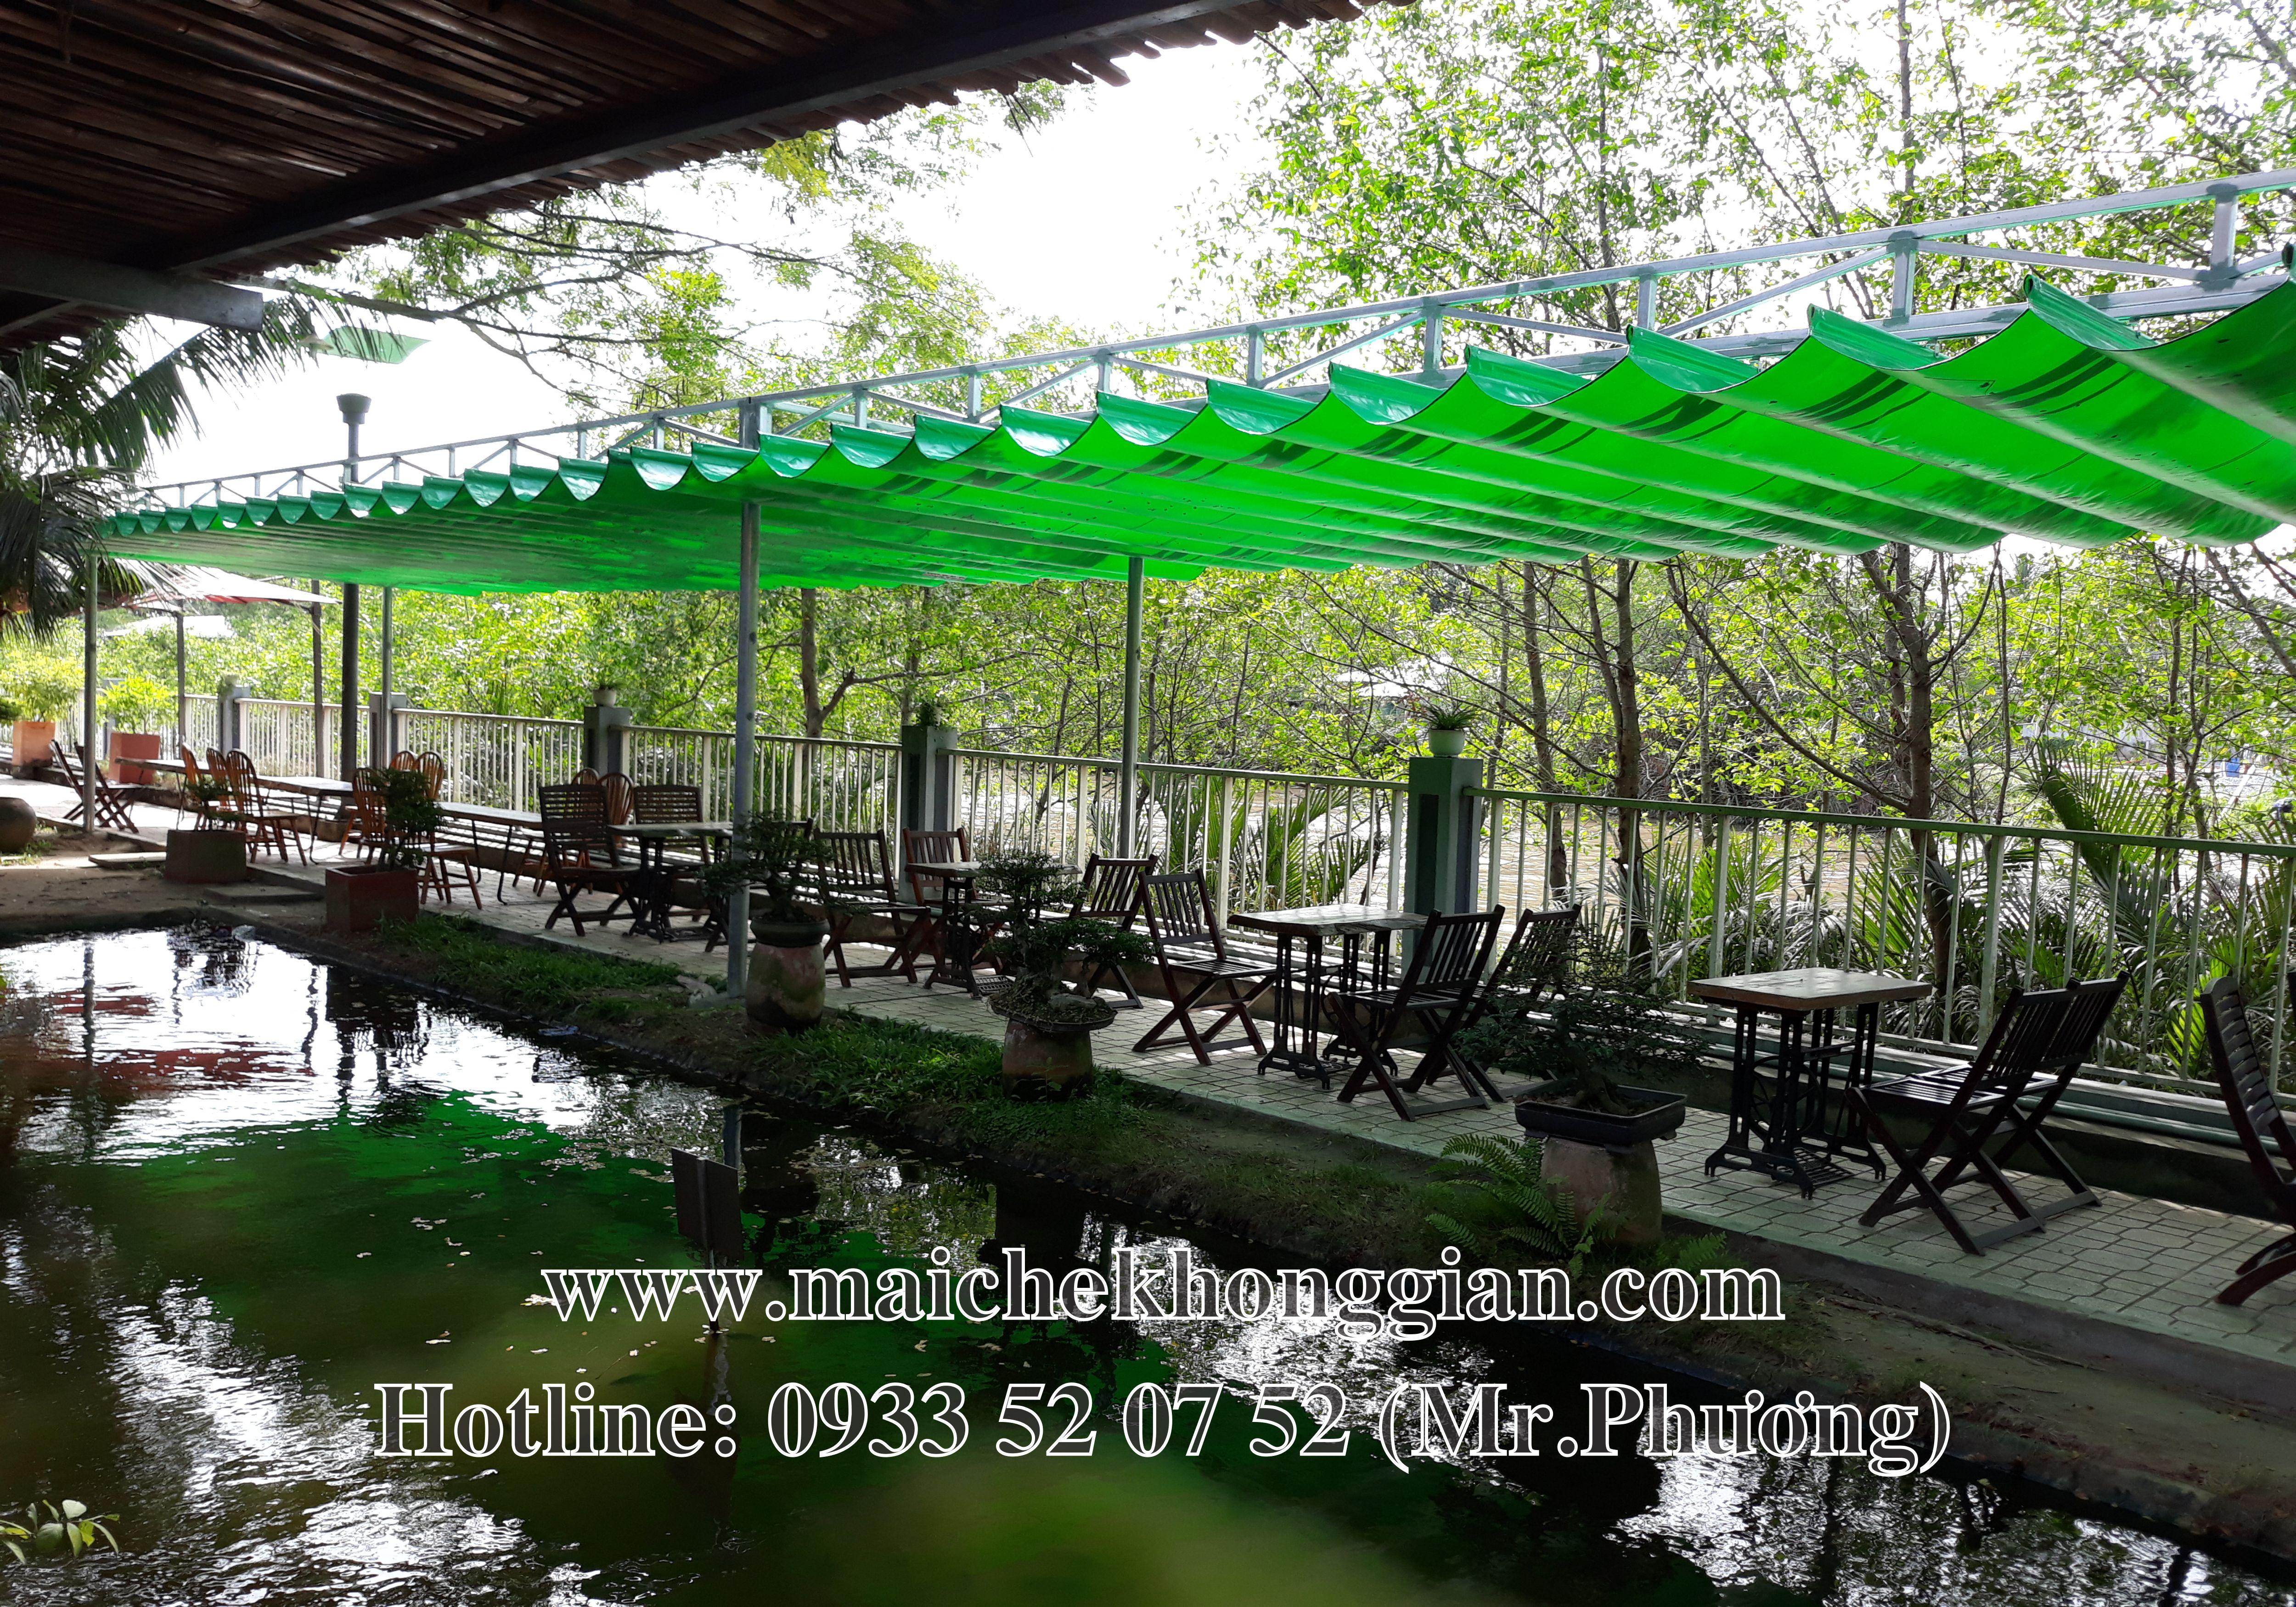 Mái bạt di động Huyện Mang Thít Vĩnh Long